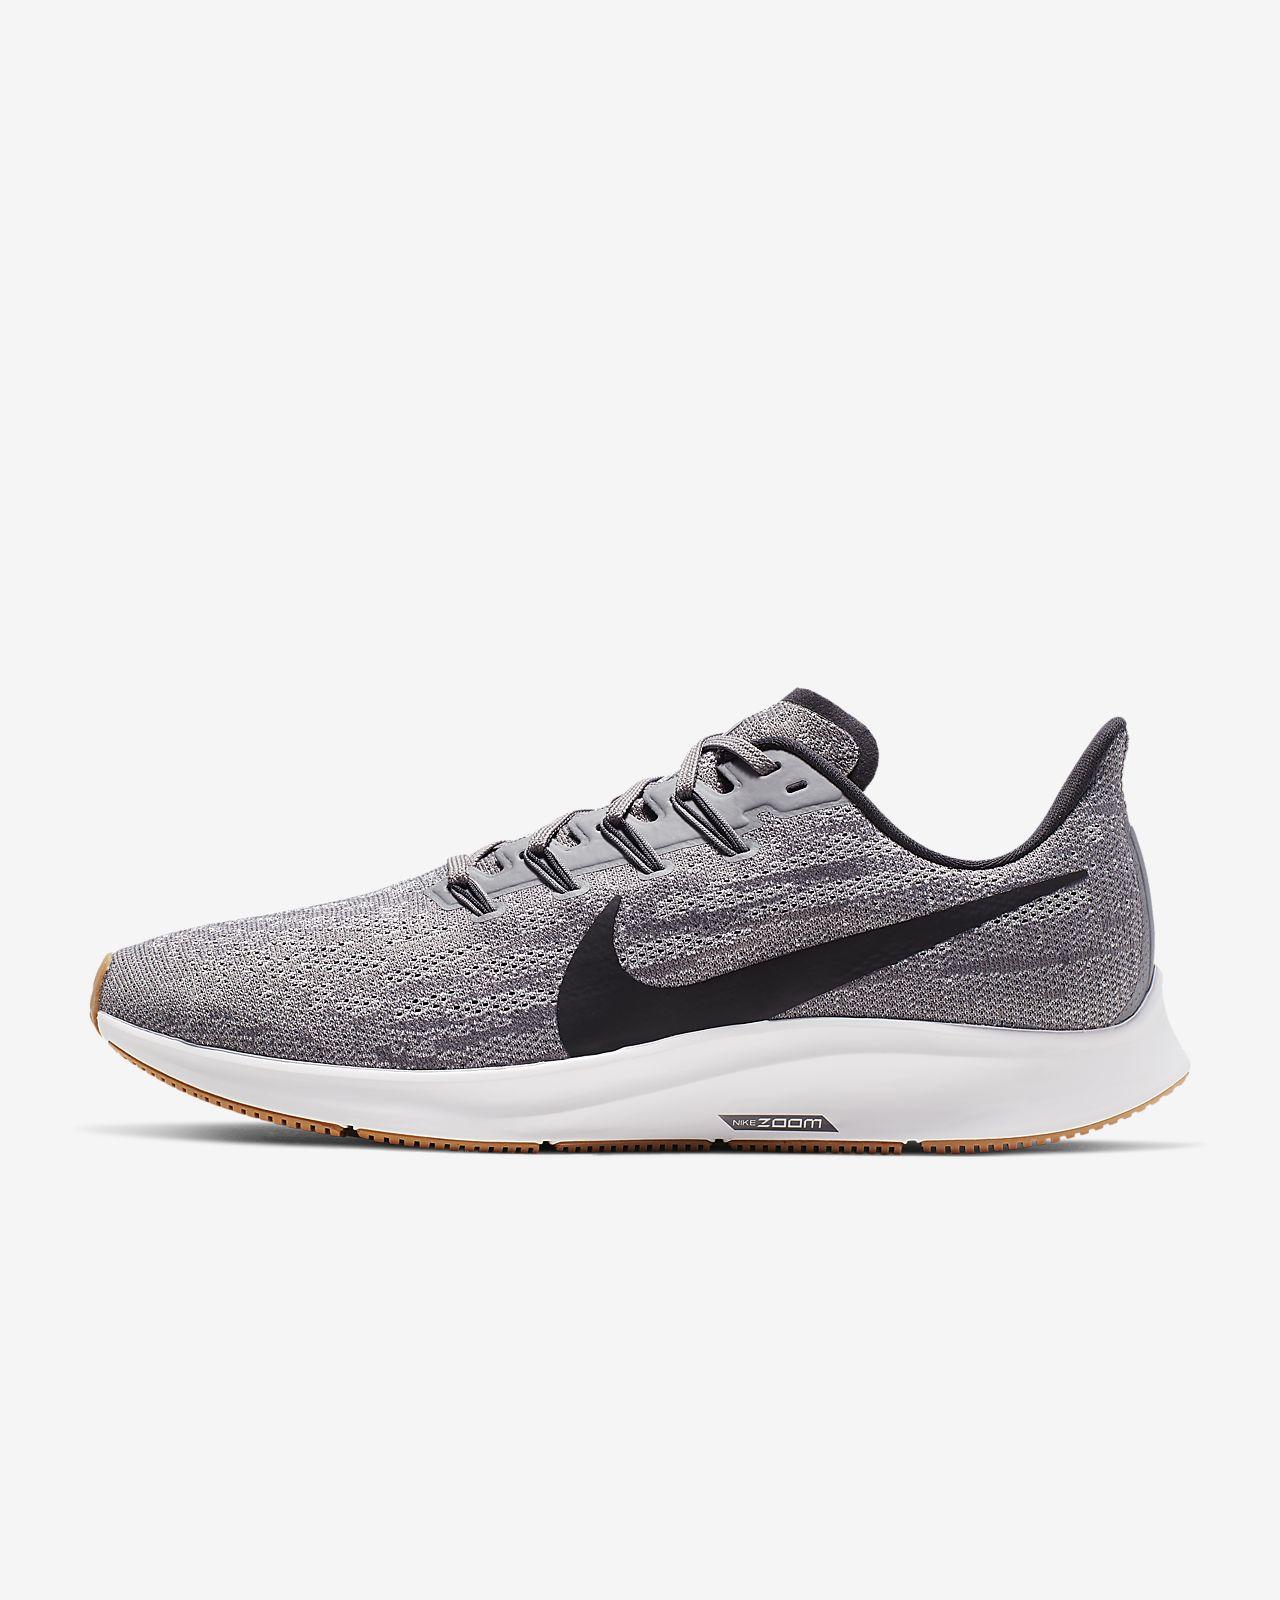 899ddec68f Nike Air Zoom Pegasus 36 Zapatillas de running - Hombre. Nike.com ES